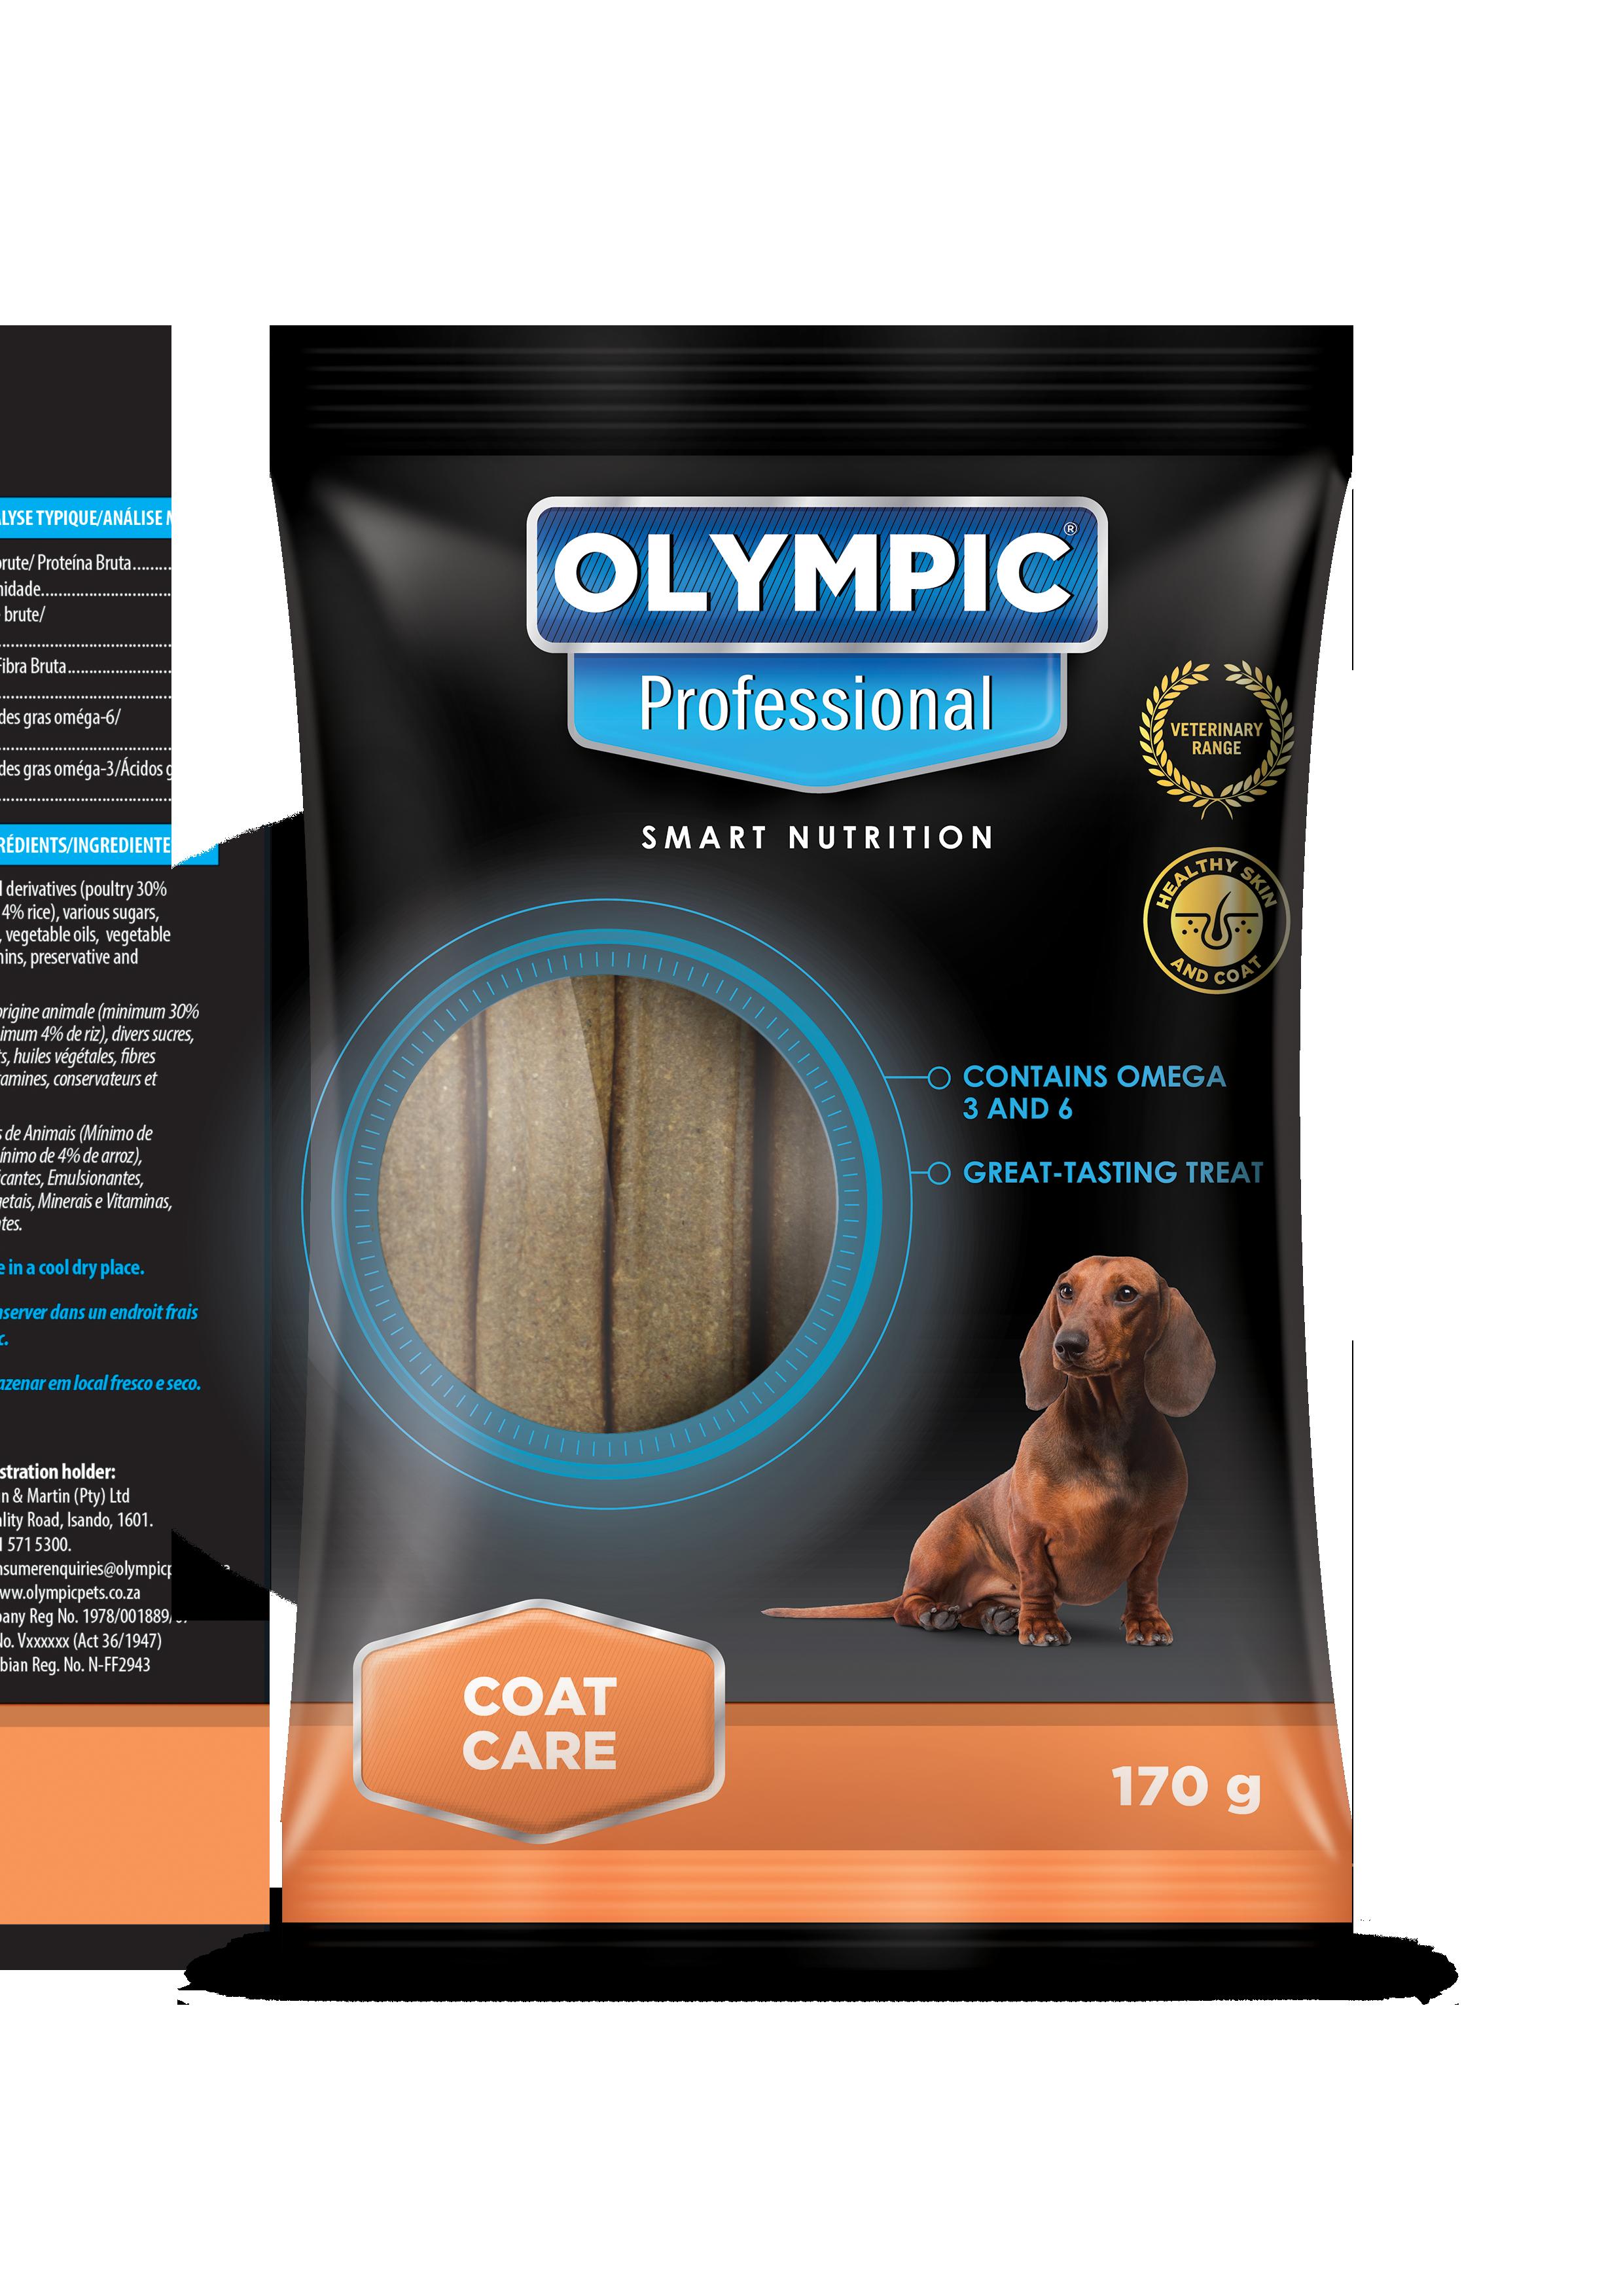 olympic-coat-care-treats